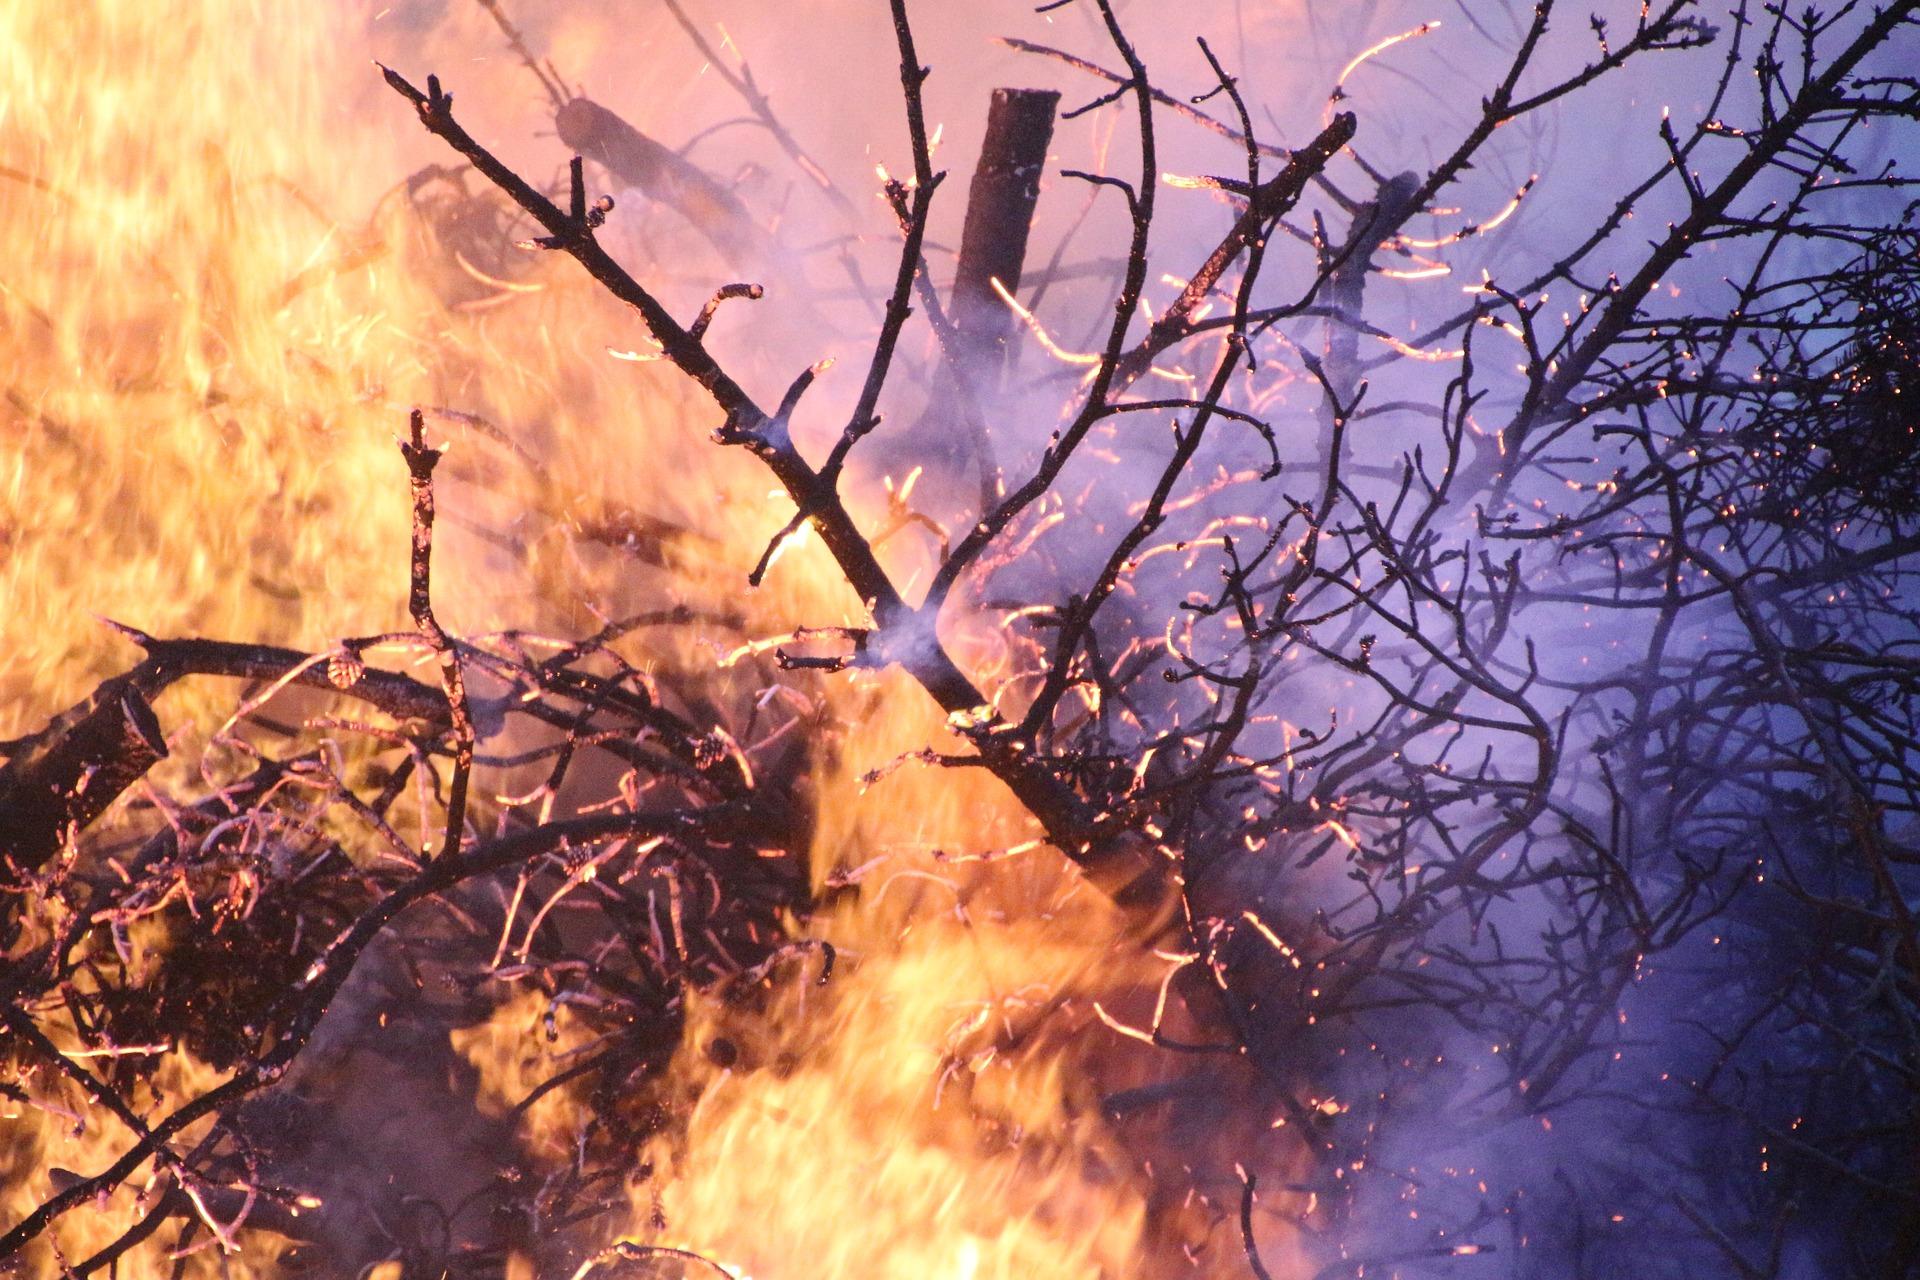 Przeciwpożarowe ABC, czyli jak się zachować w przypadku pożaru? Część pierwsza